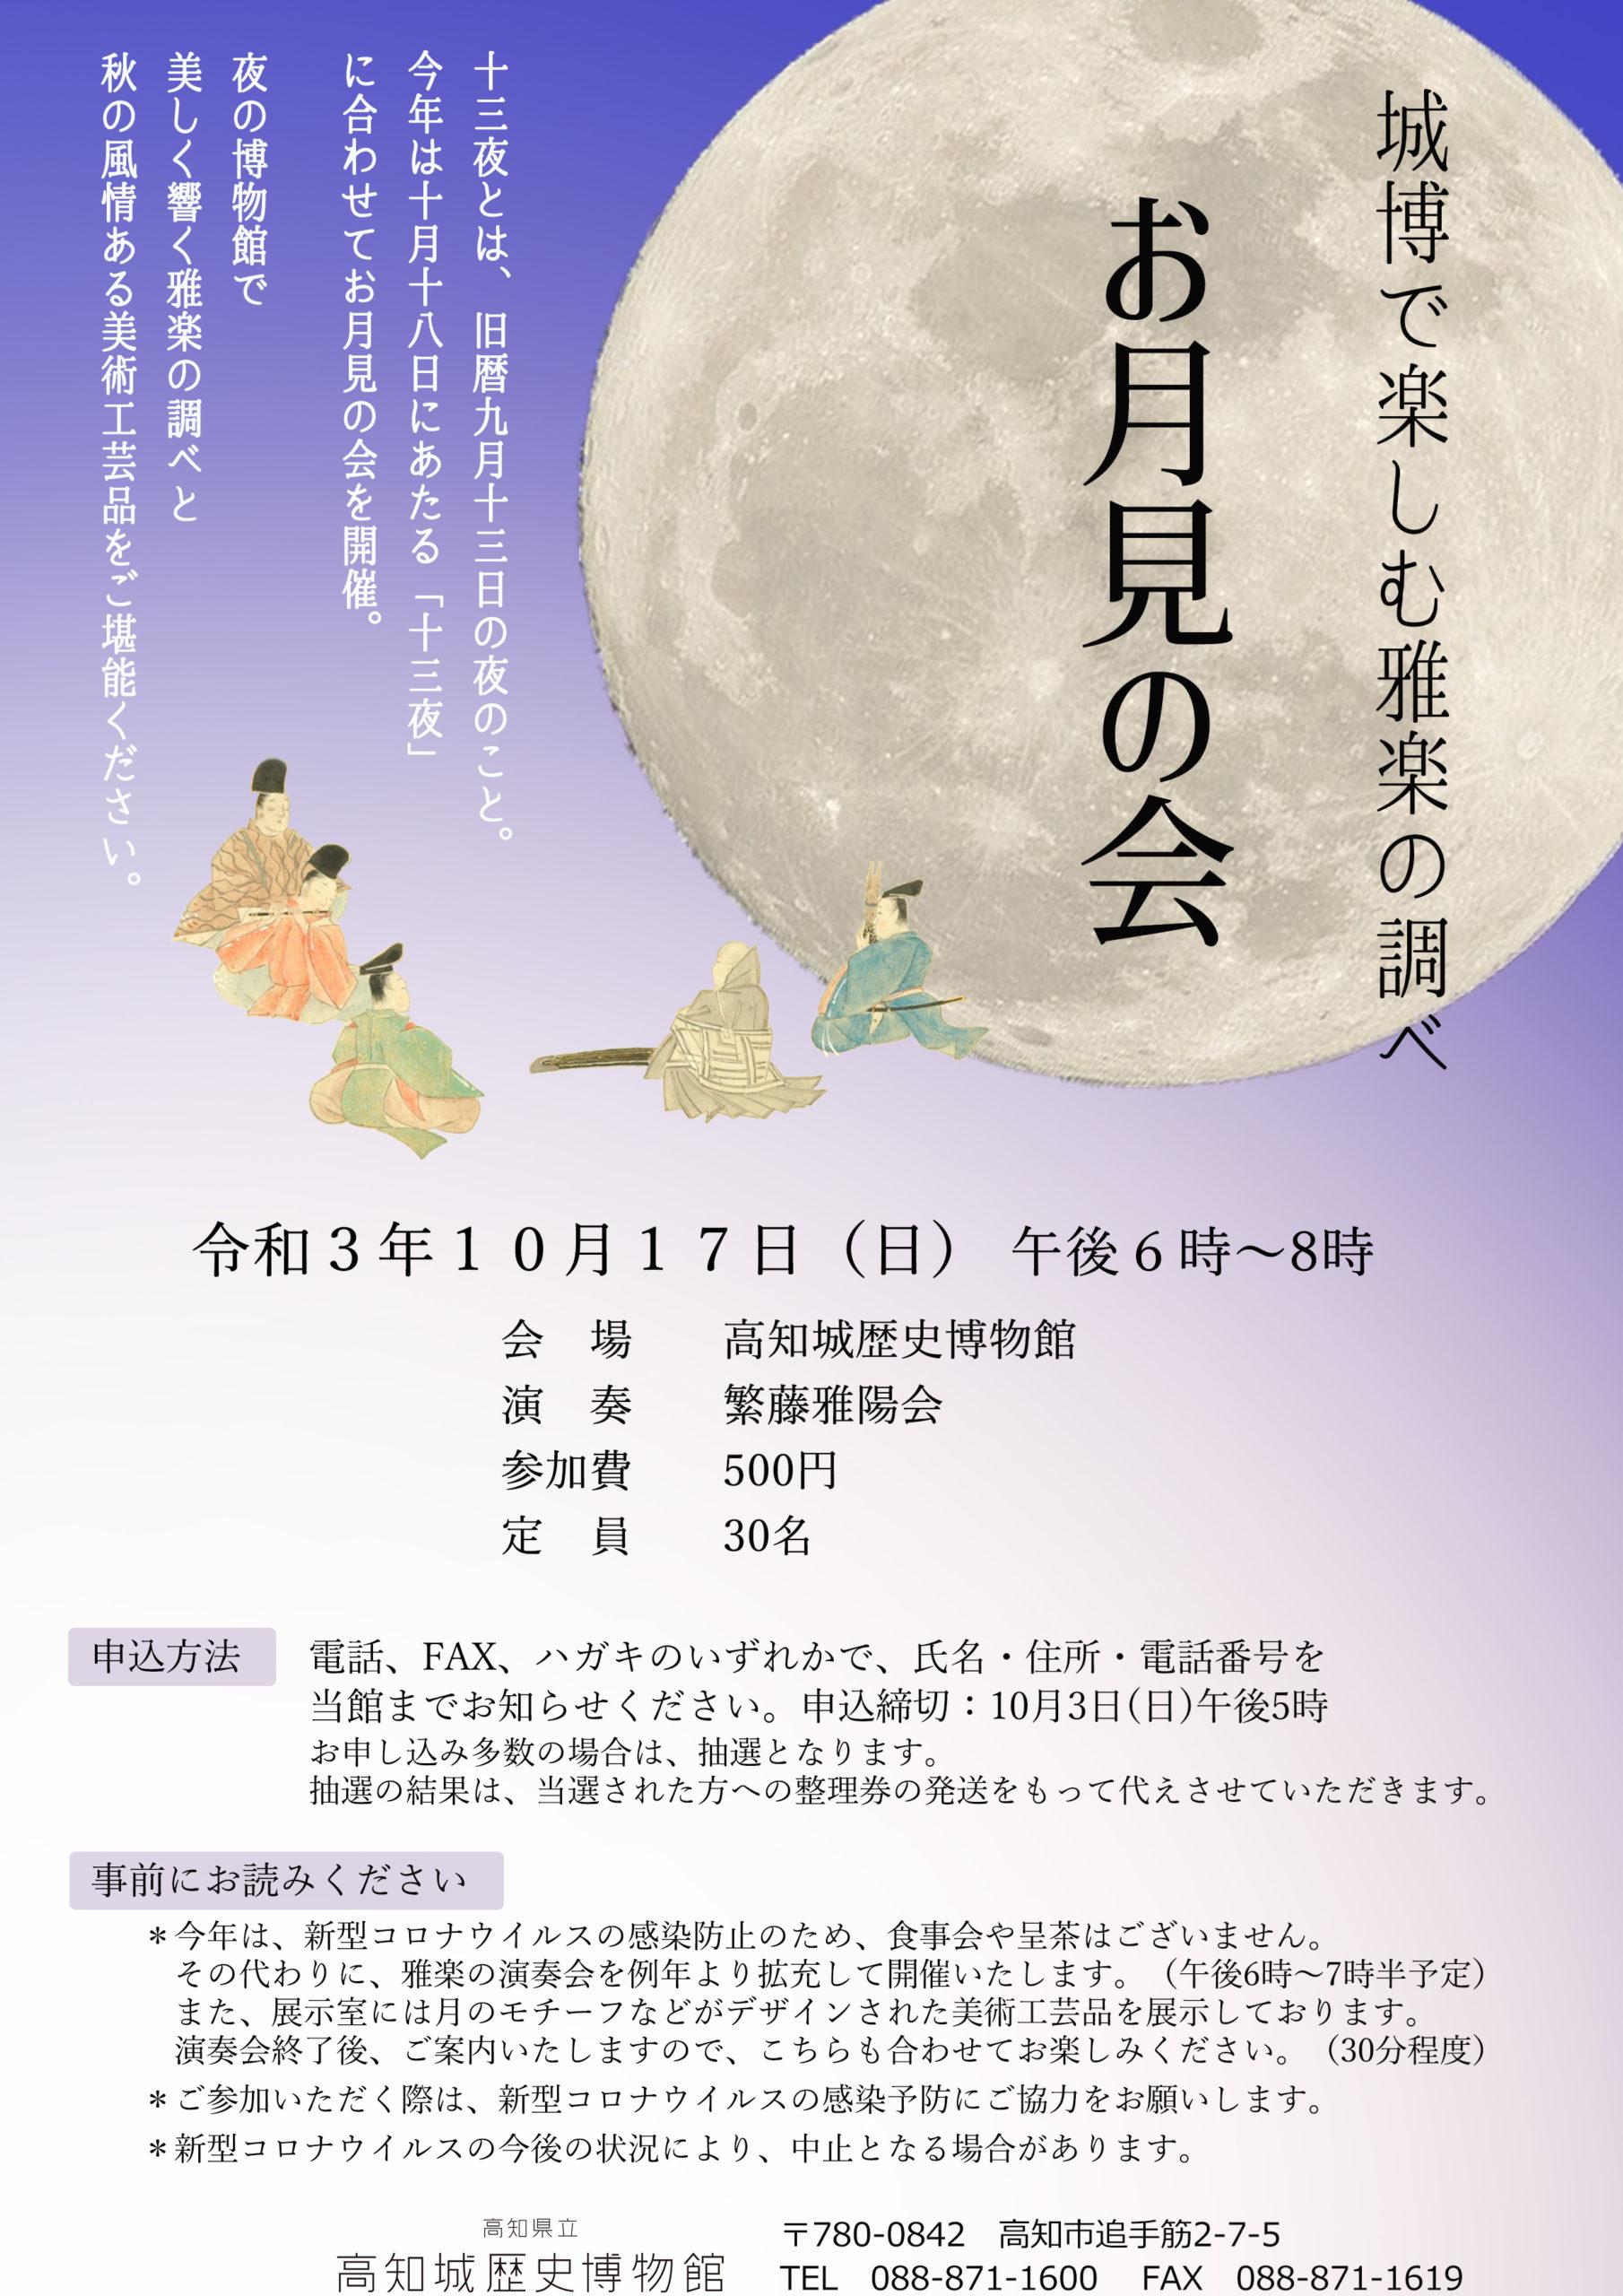 お月見の会 城博で楽しむ雅楽の調べ